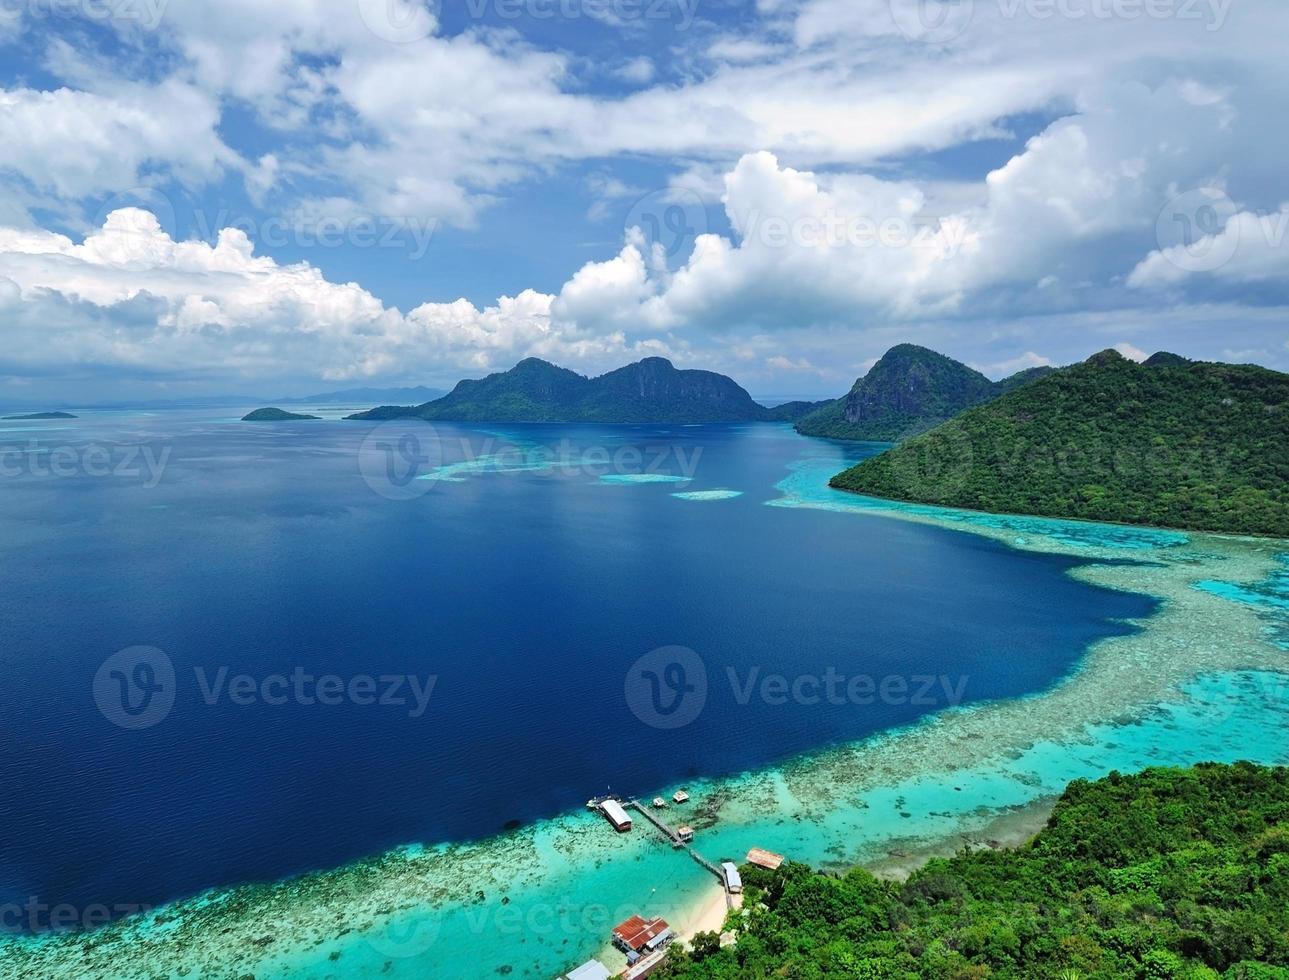 Sabah Bornéo vue panoramique du parc marin de tun sakaran photo